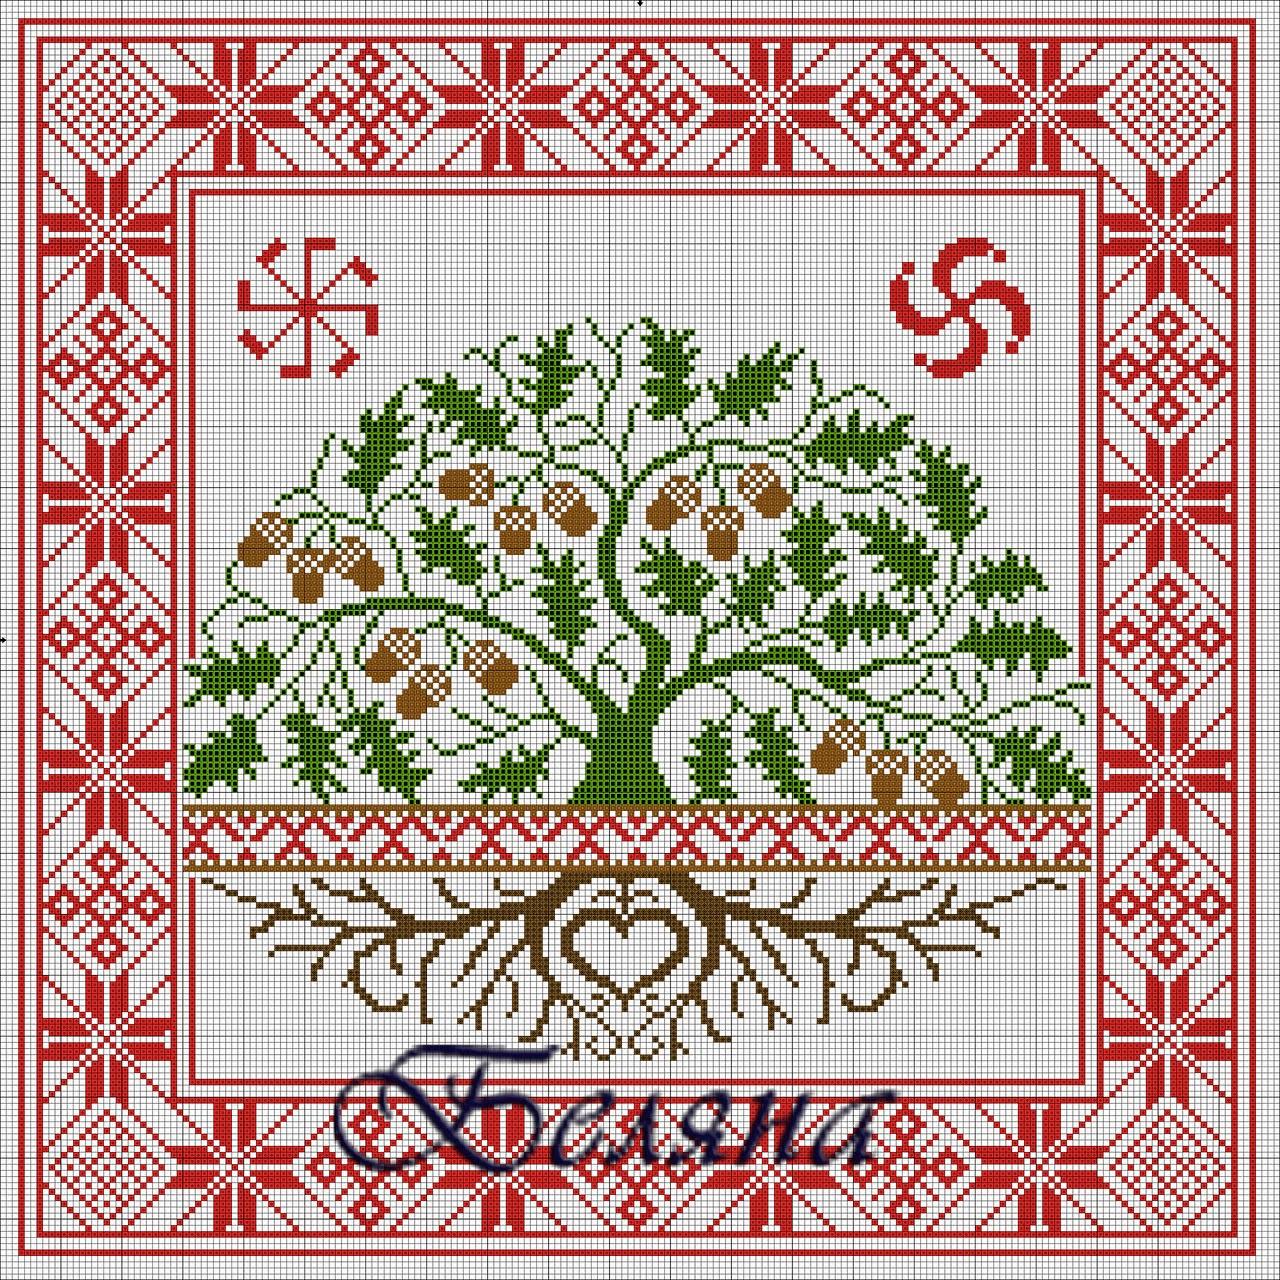 Вышивка обереги славян схемы